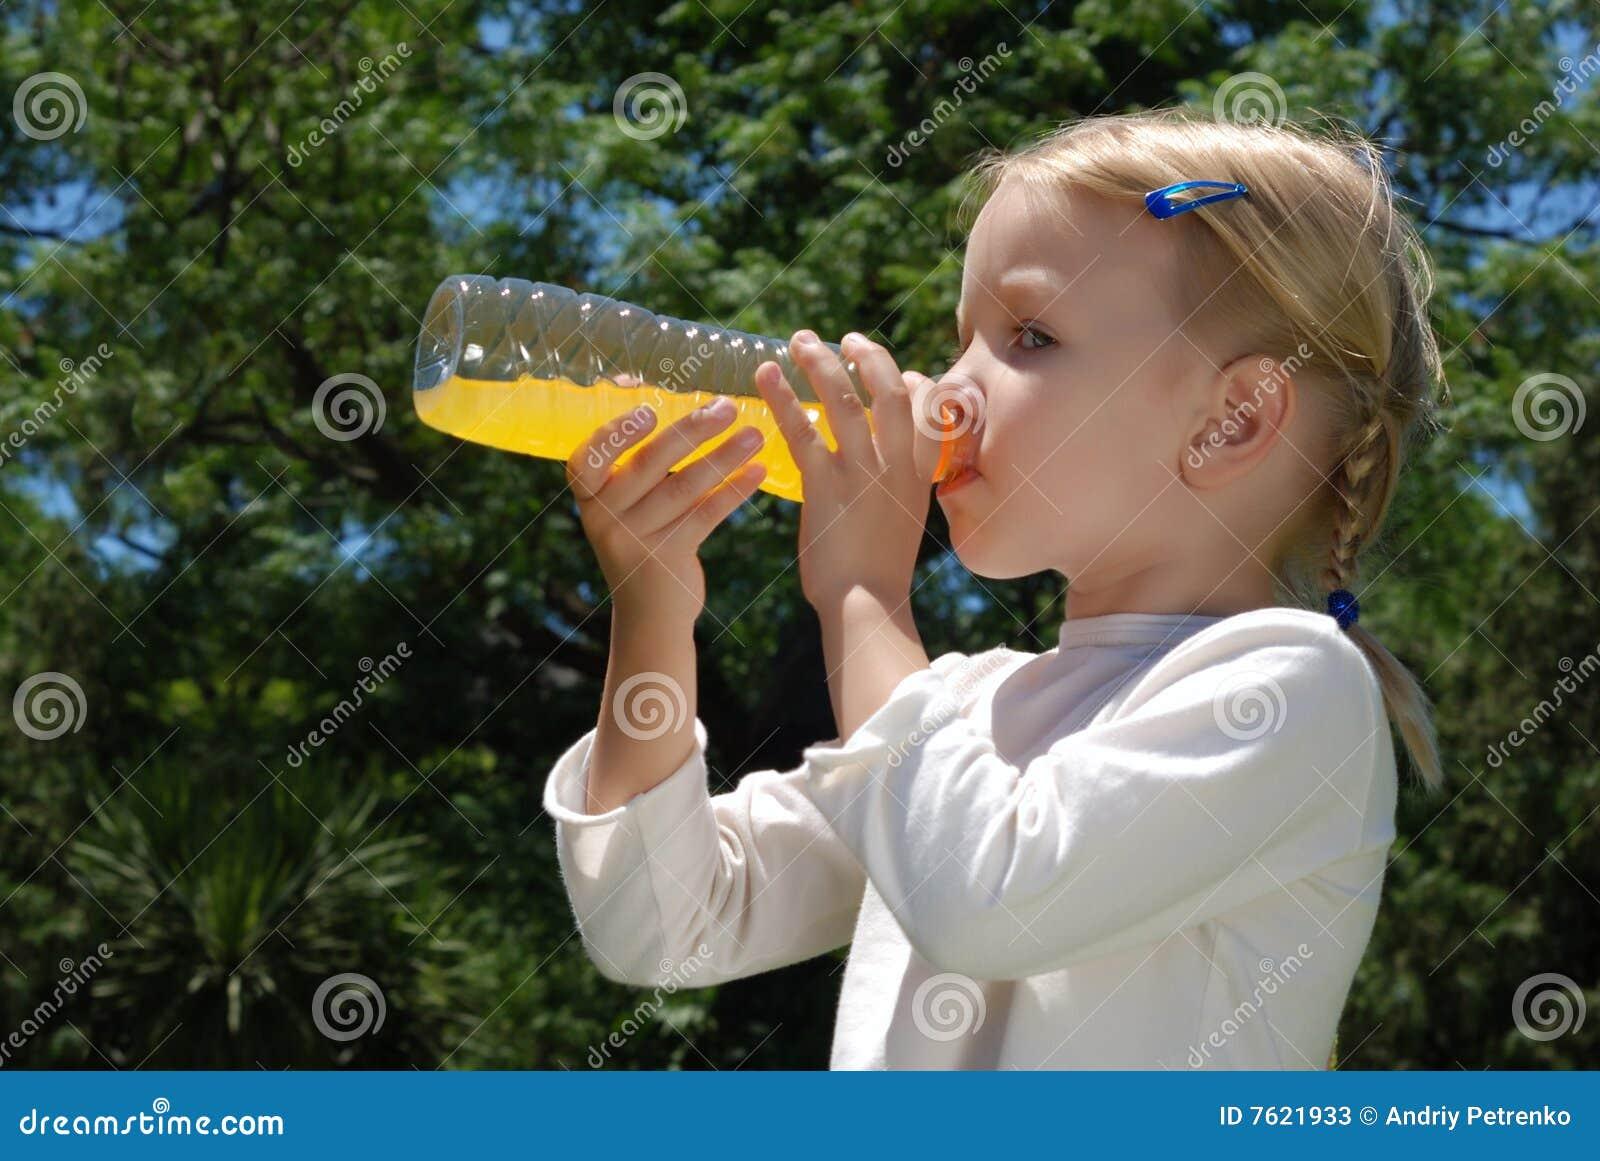 瓶喝女孩水